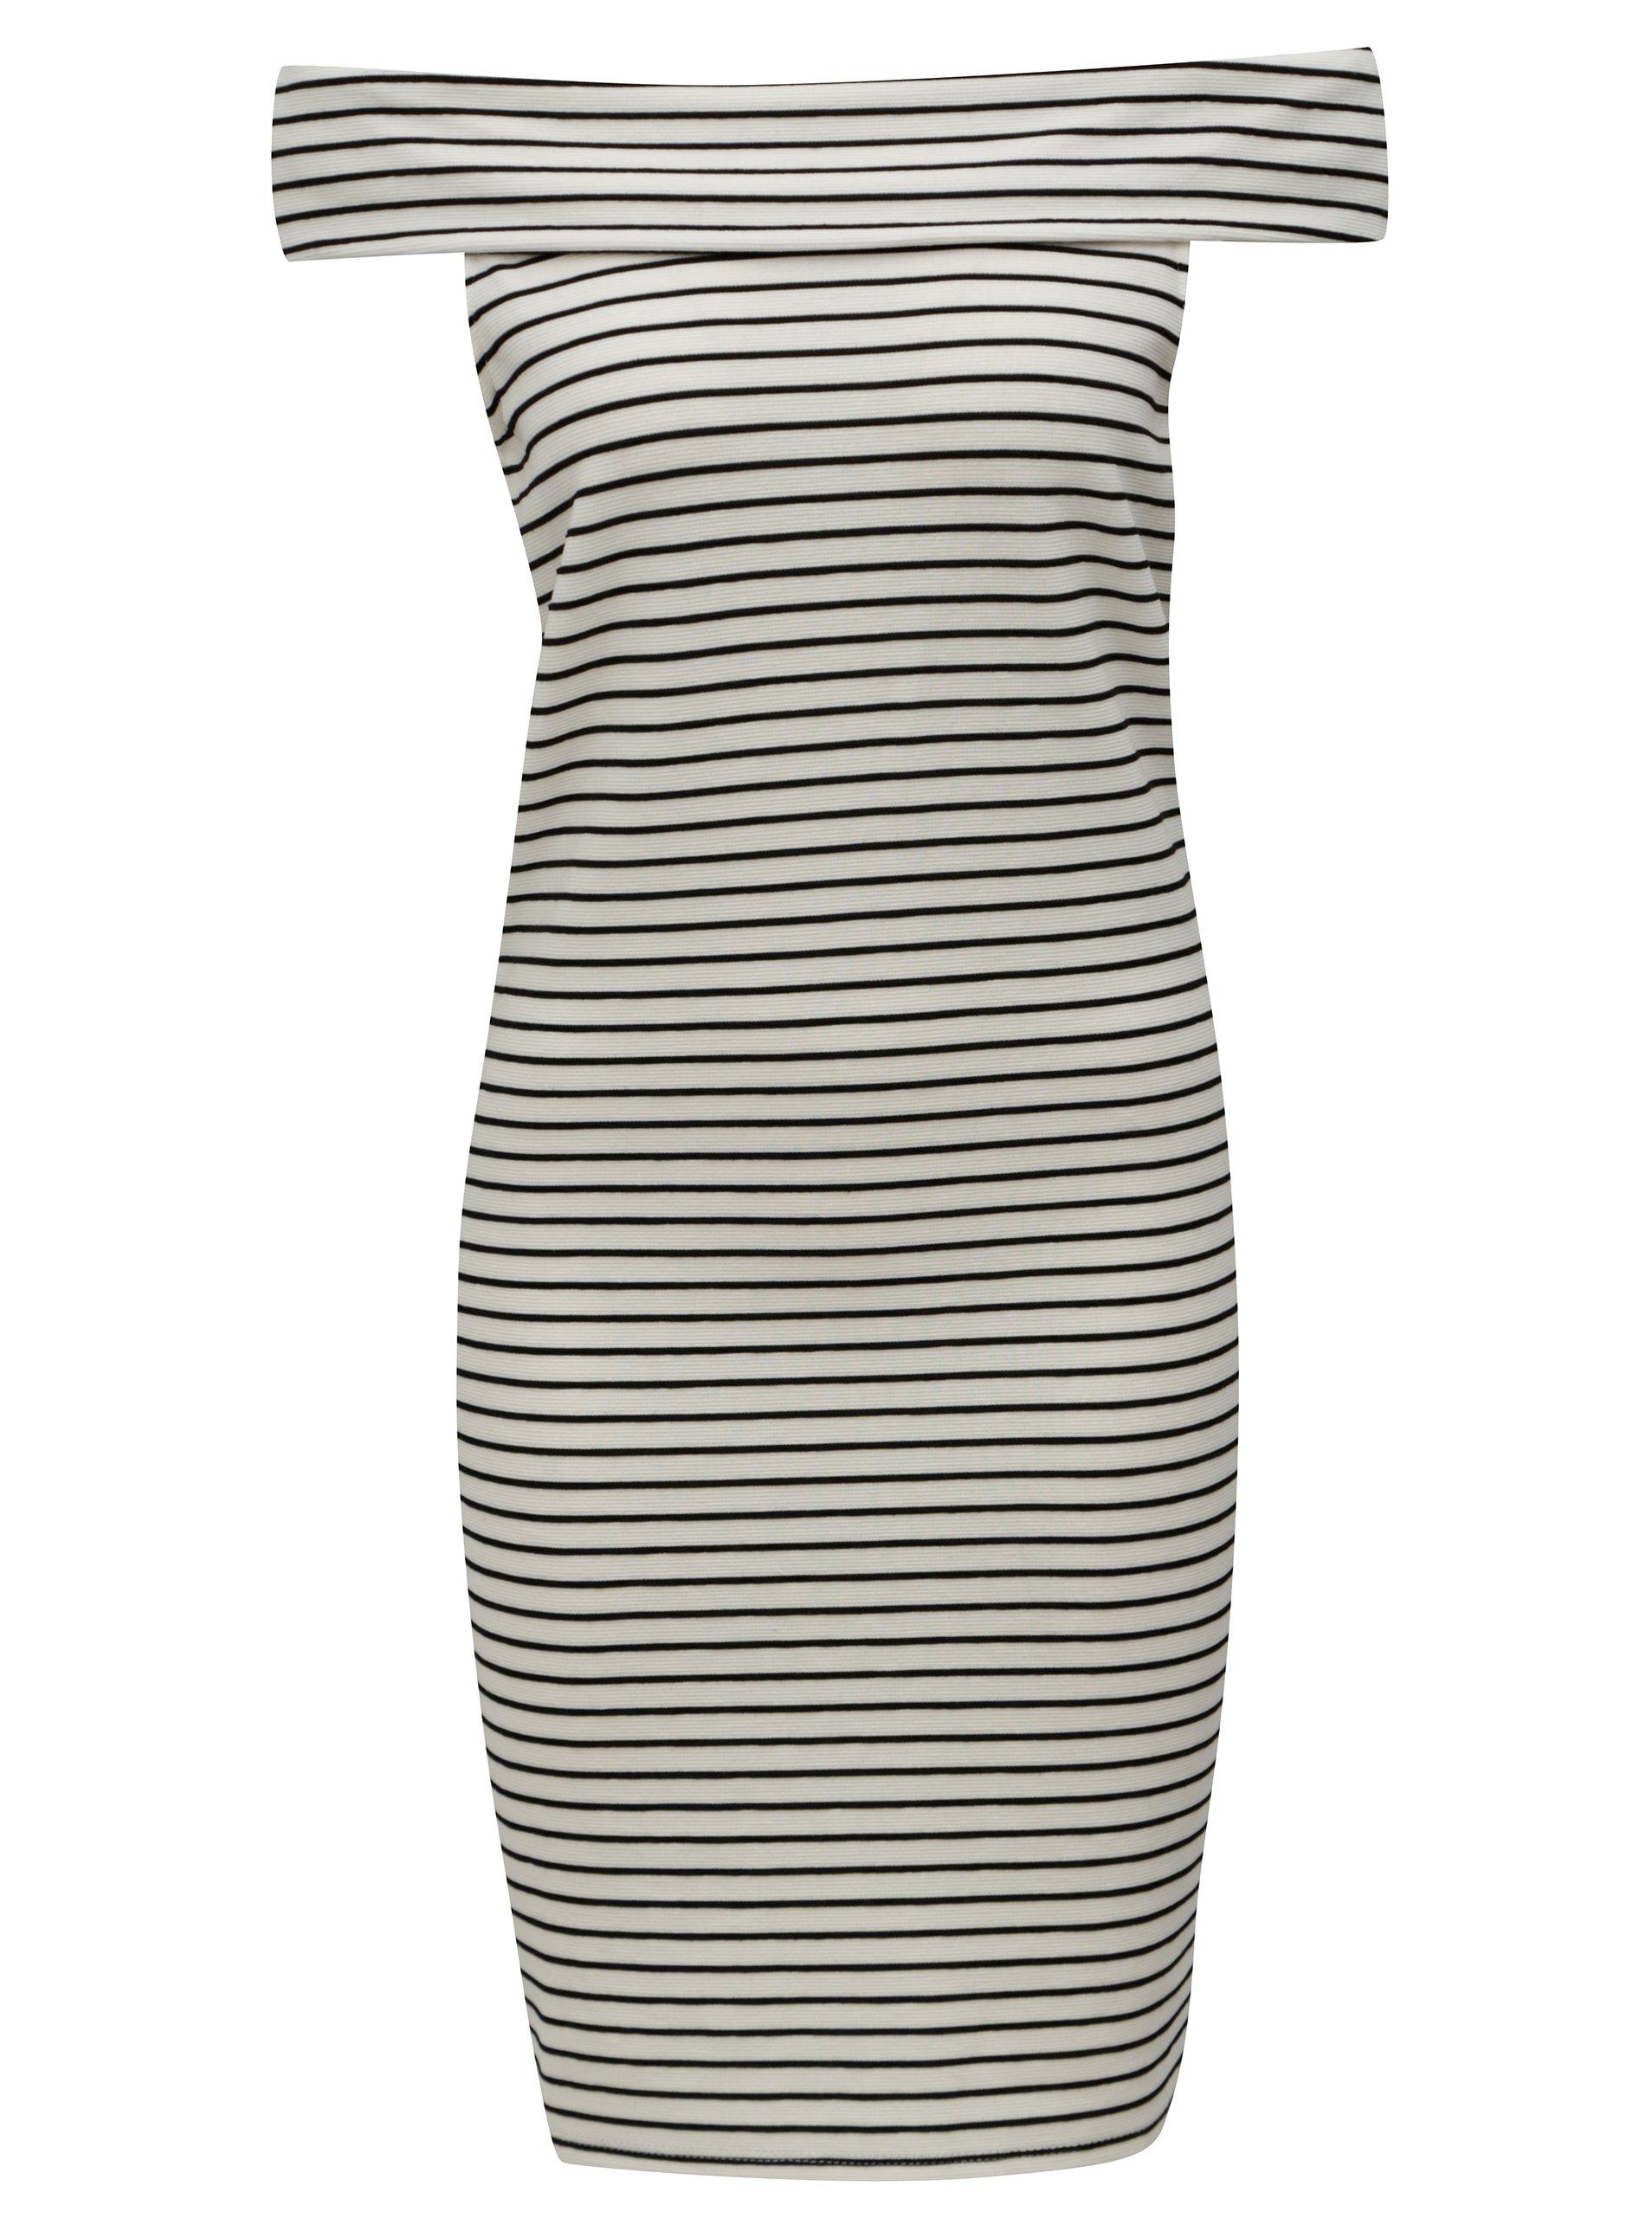 75e8e960d248 Černo-krémové pruhované šaty s odhalenými rameny VILA Cone